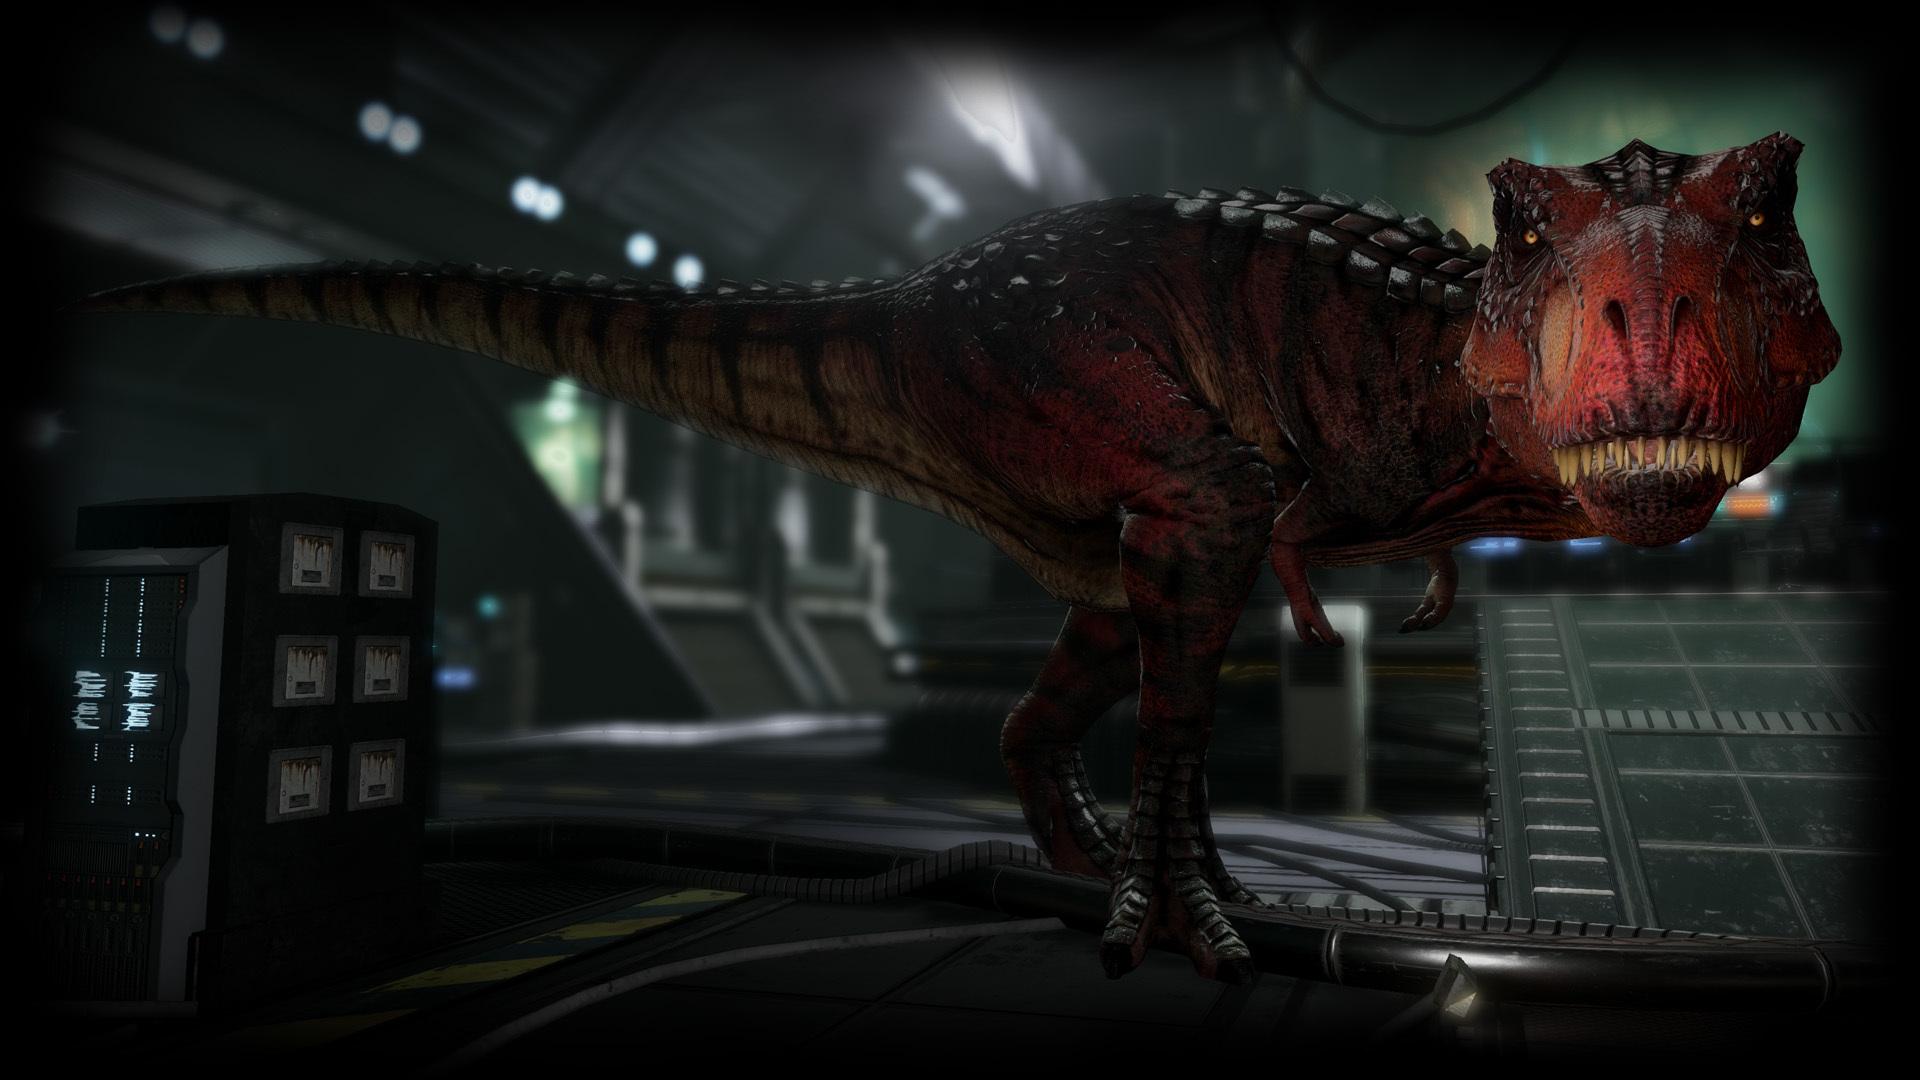 Children's Gift Bundle [5 Piece] U Build Battleship Jurassic World Velociraptor